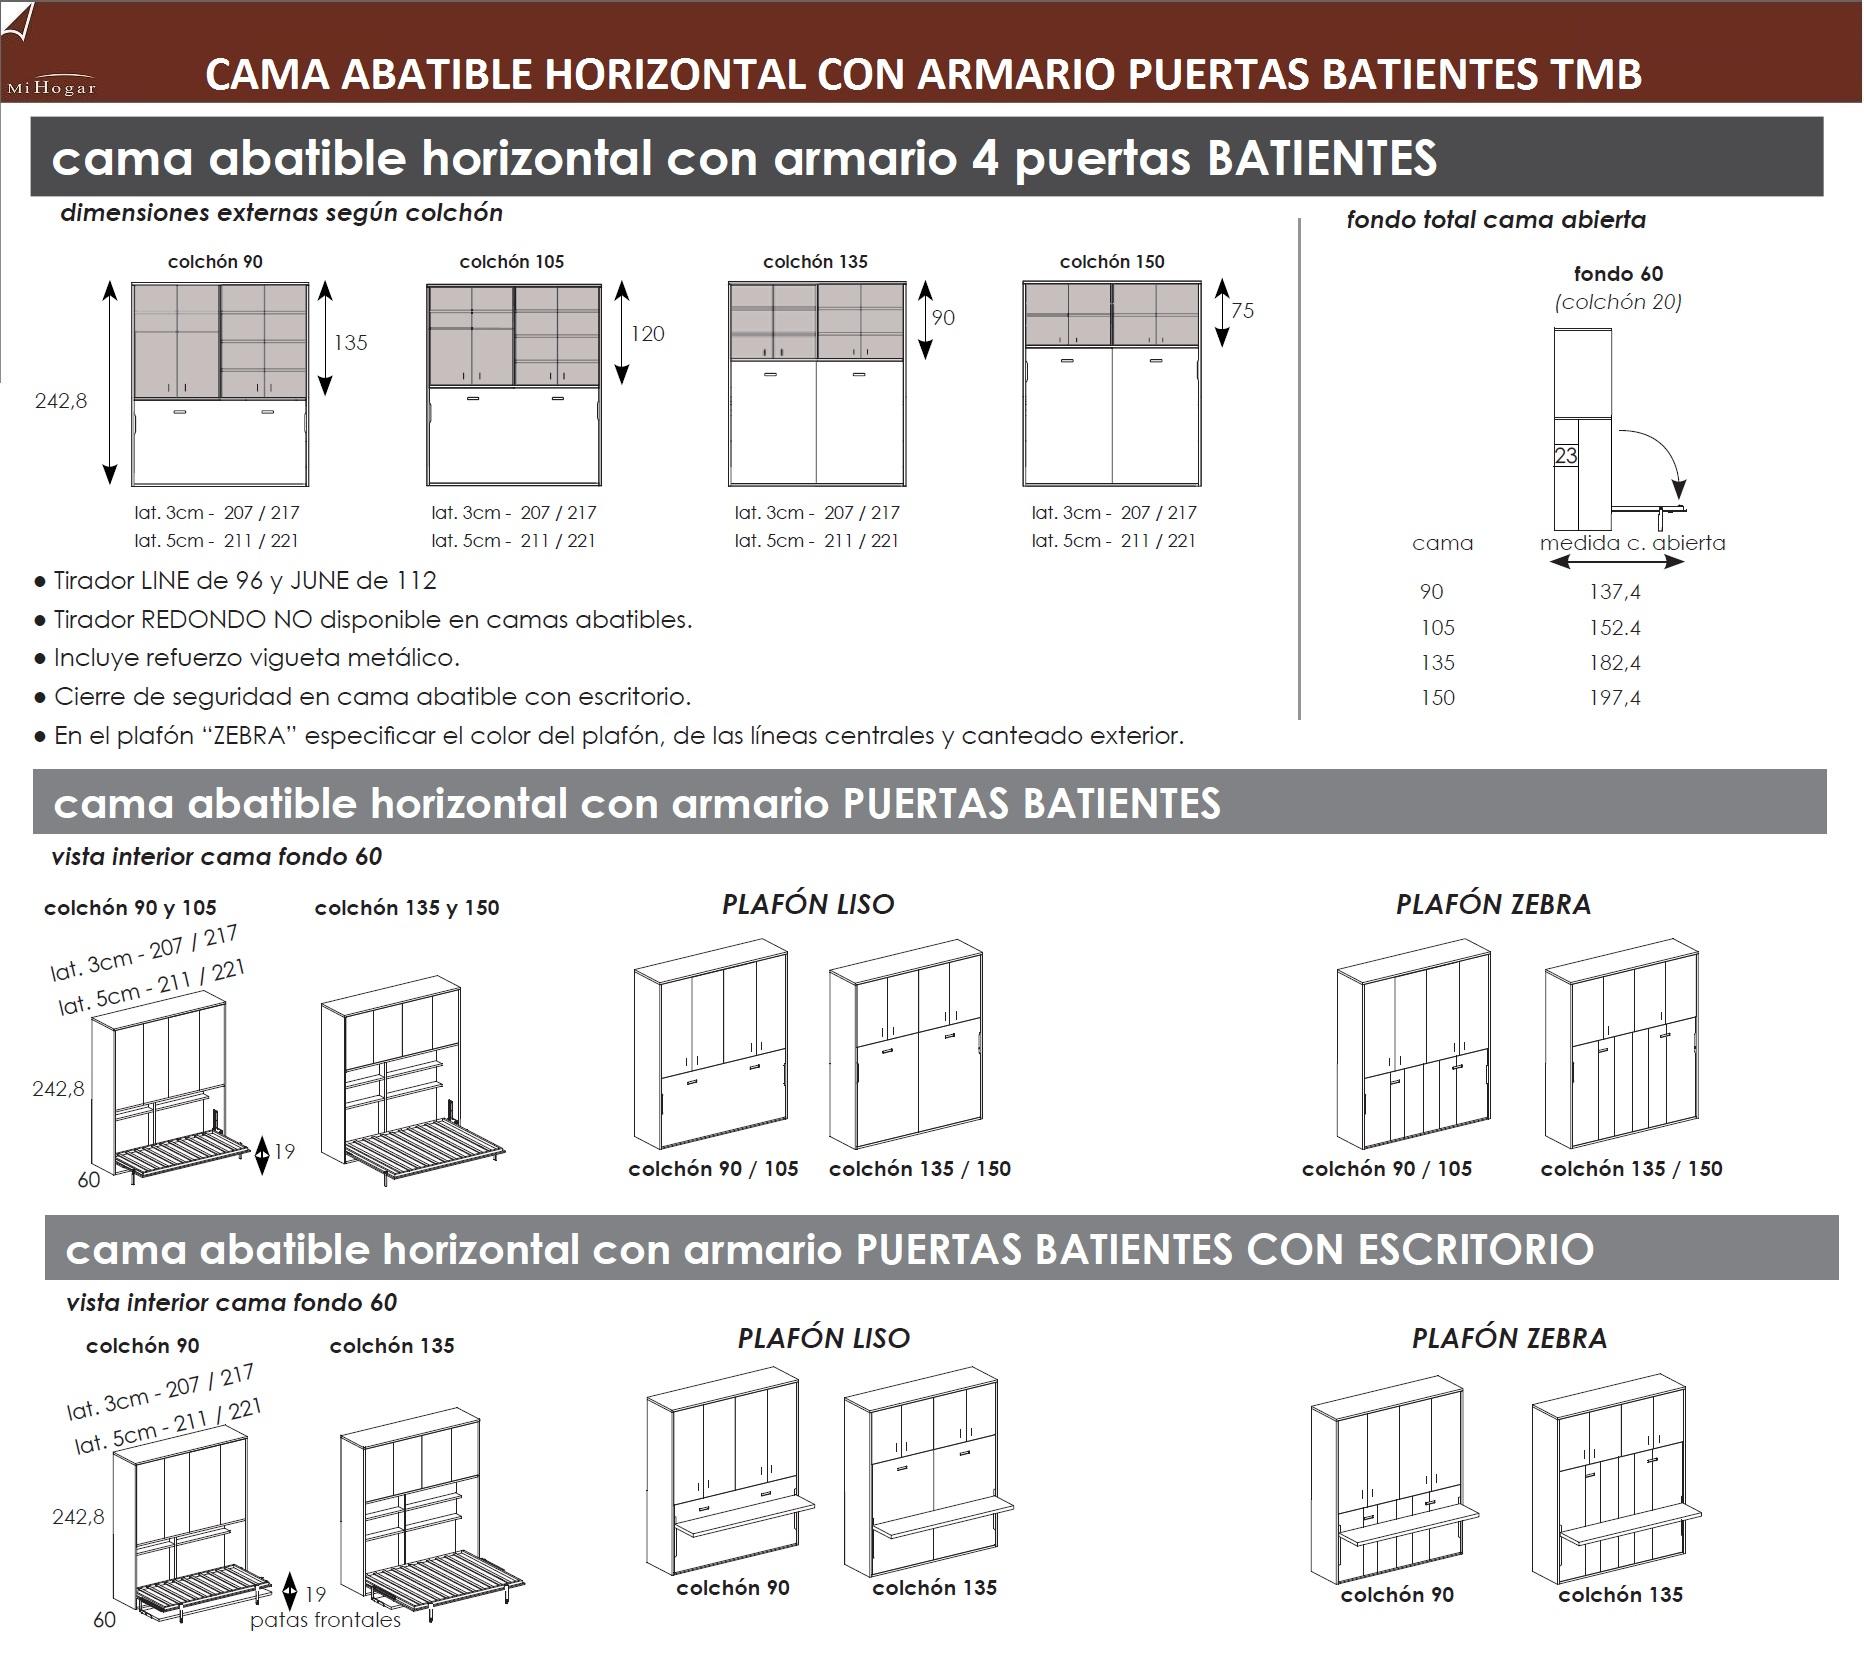 CAMA ABATIBLE HORIZONTAL CON ARMARIO DE PUERTAS BATIENTES TMB ...